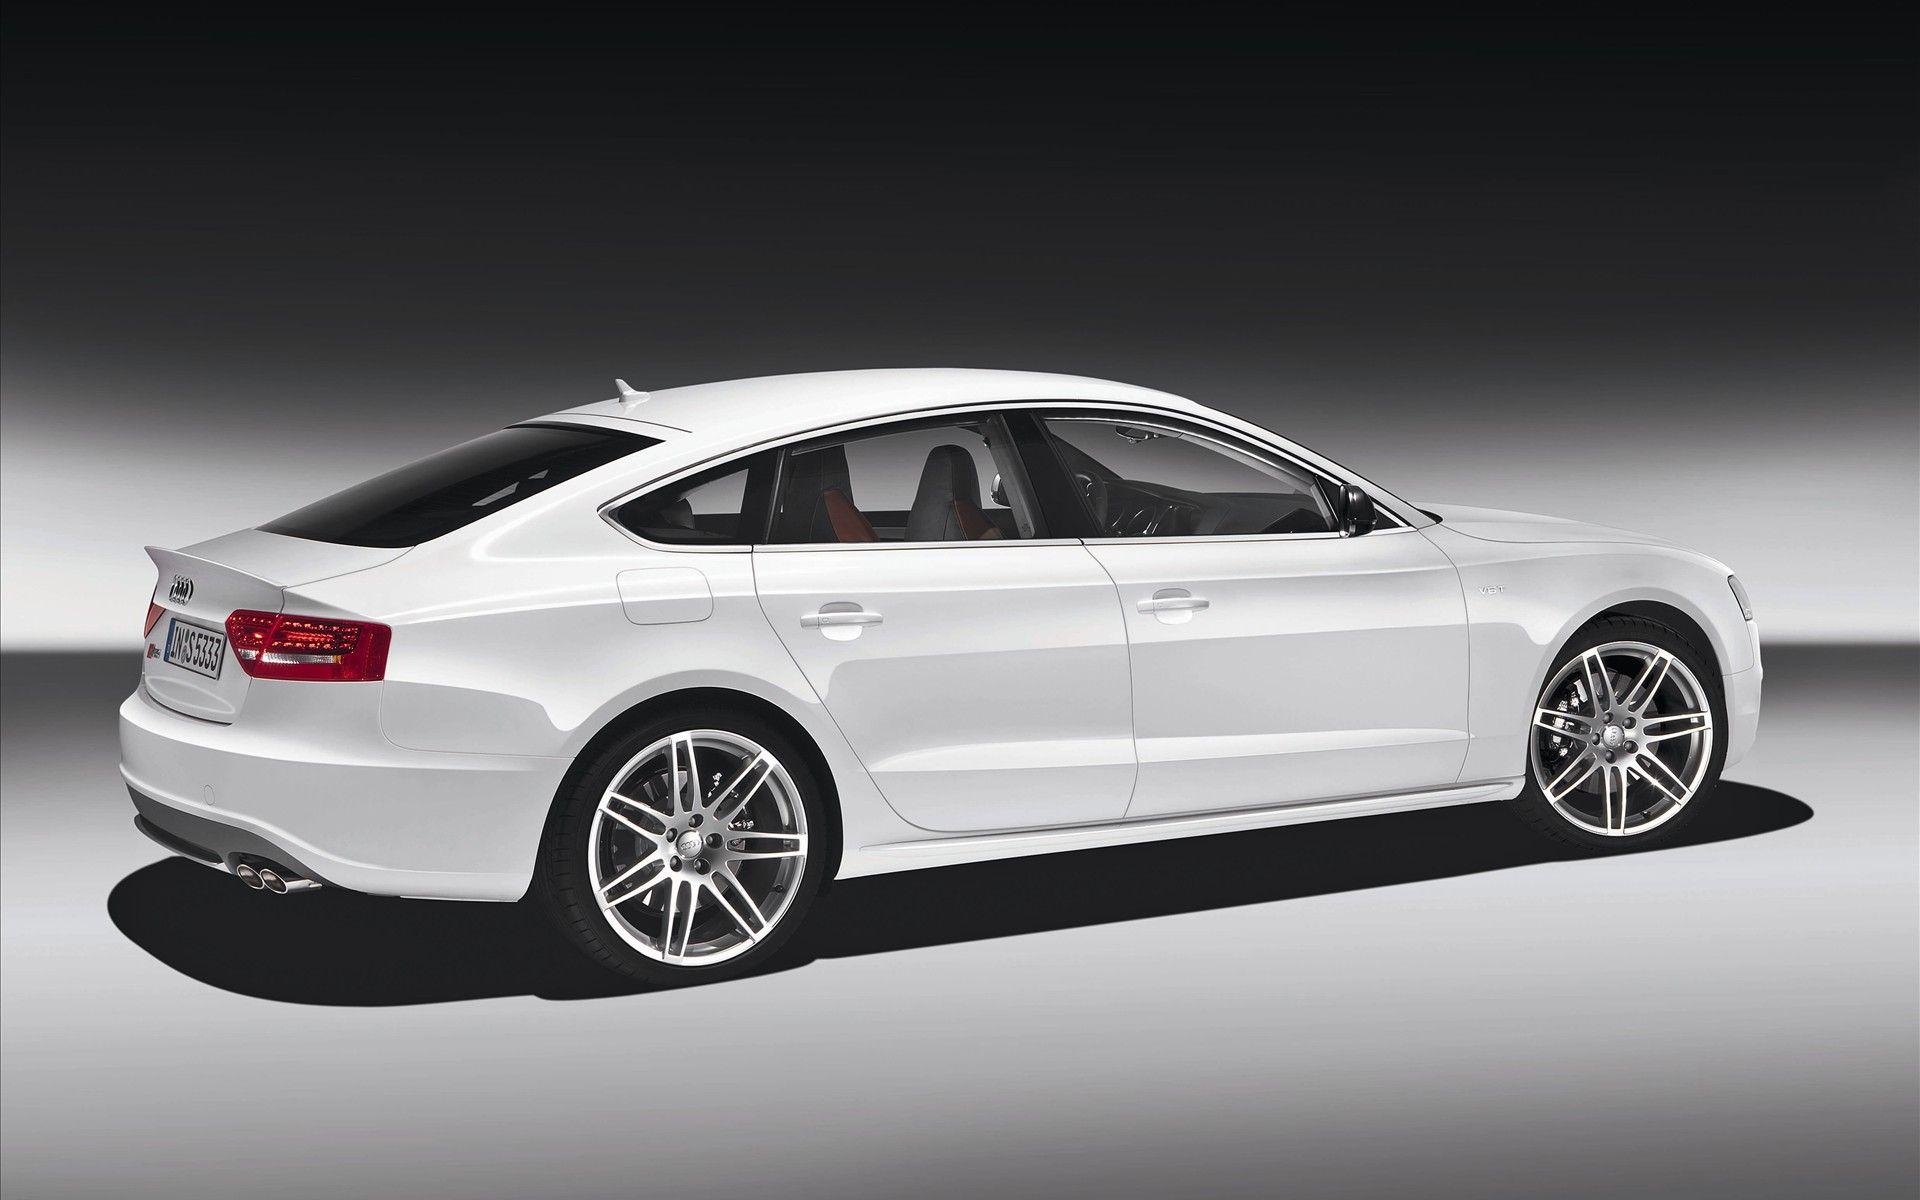 Audi S5 Hd Wallpaper Download Carros Allroad Audi Auto